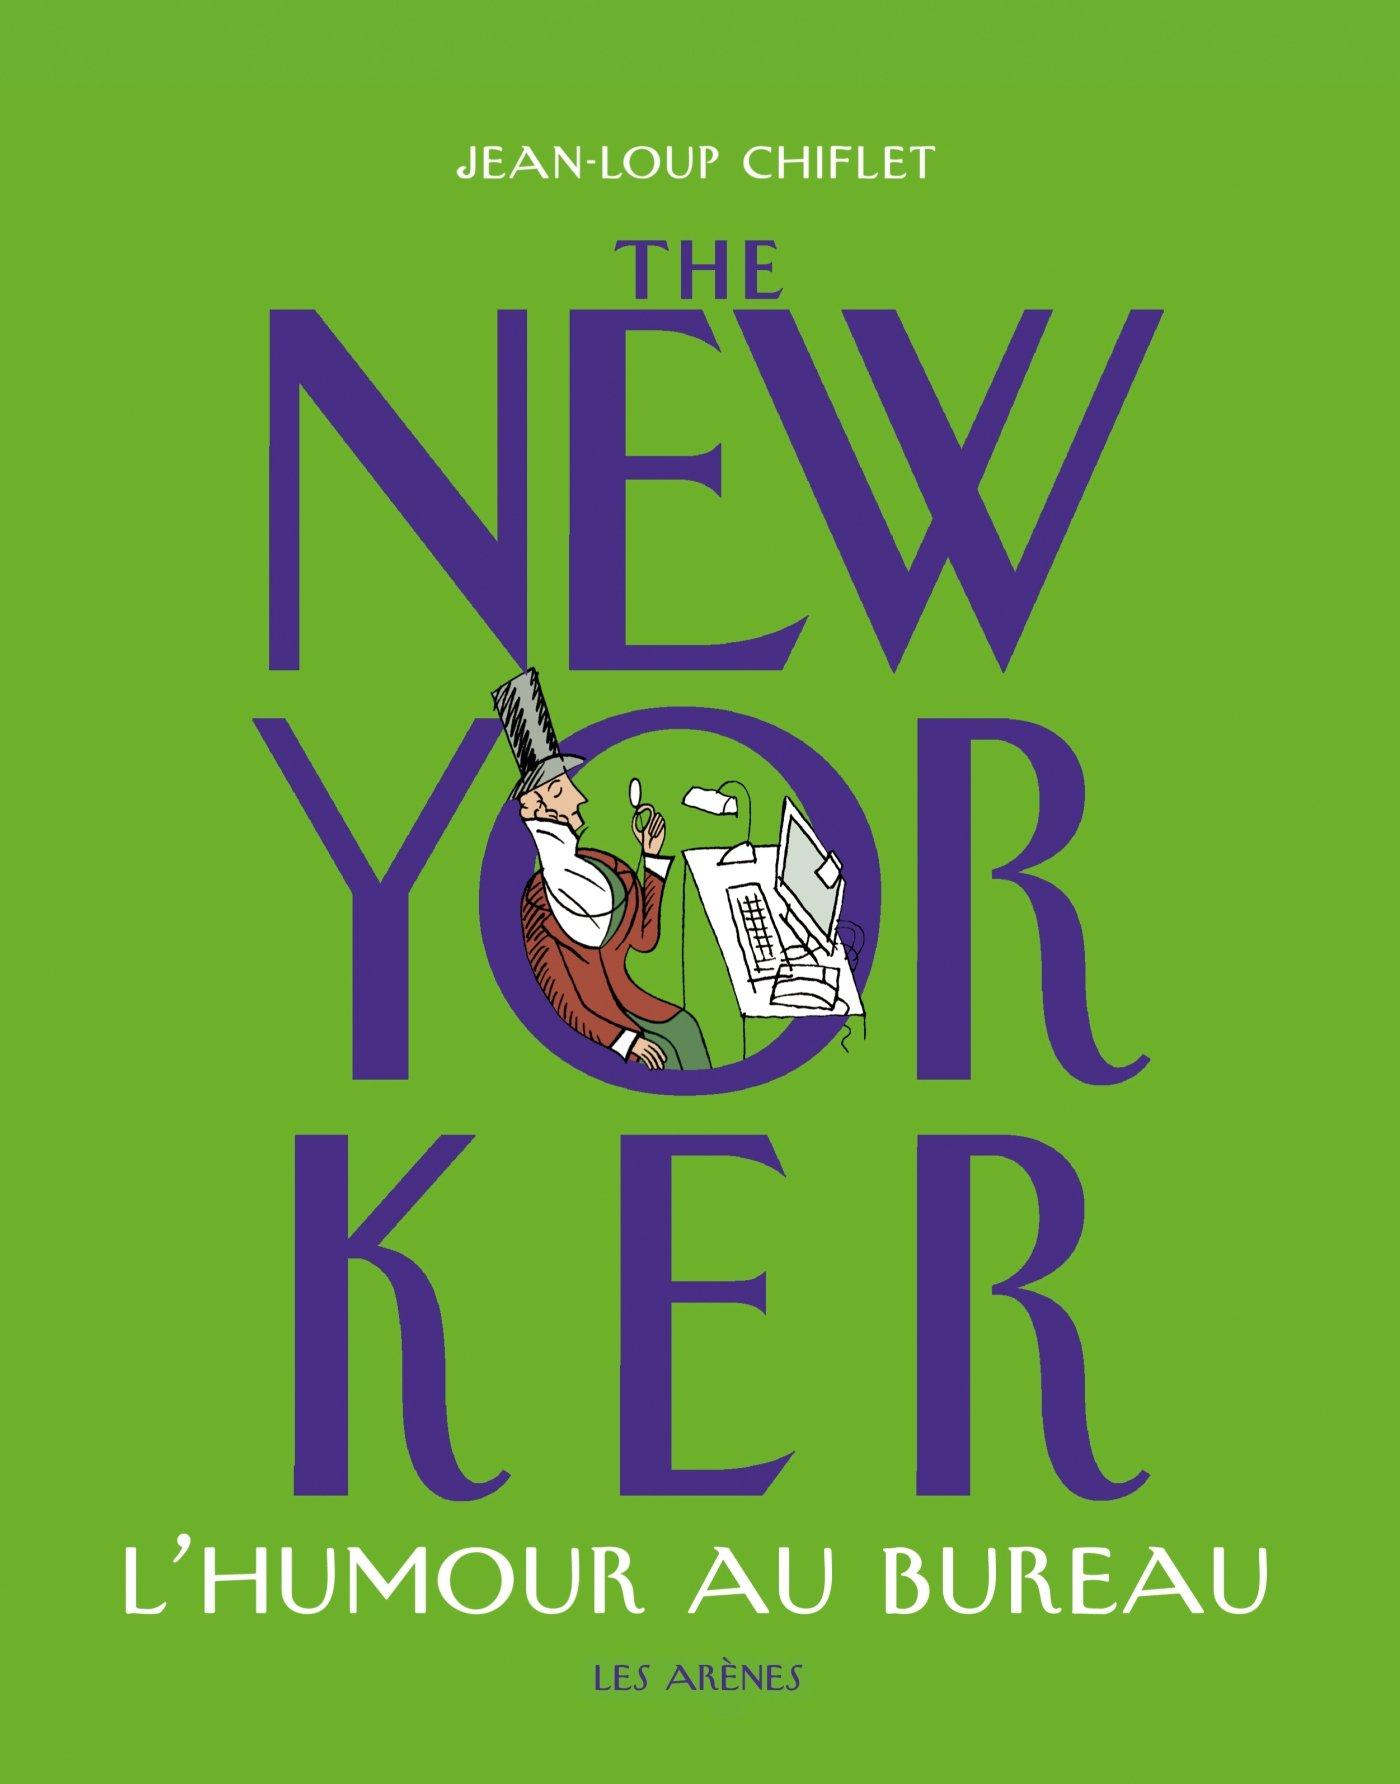 The New Yorker : l'humour au bureau